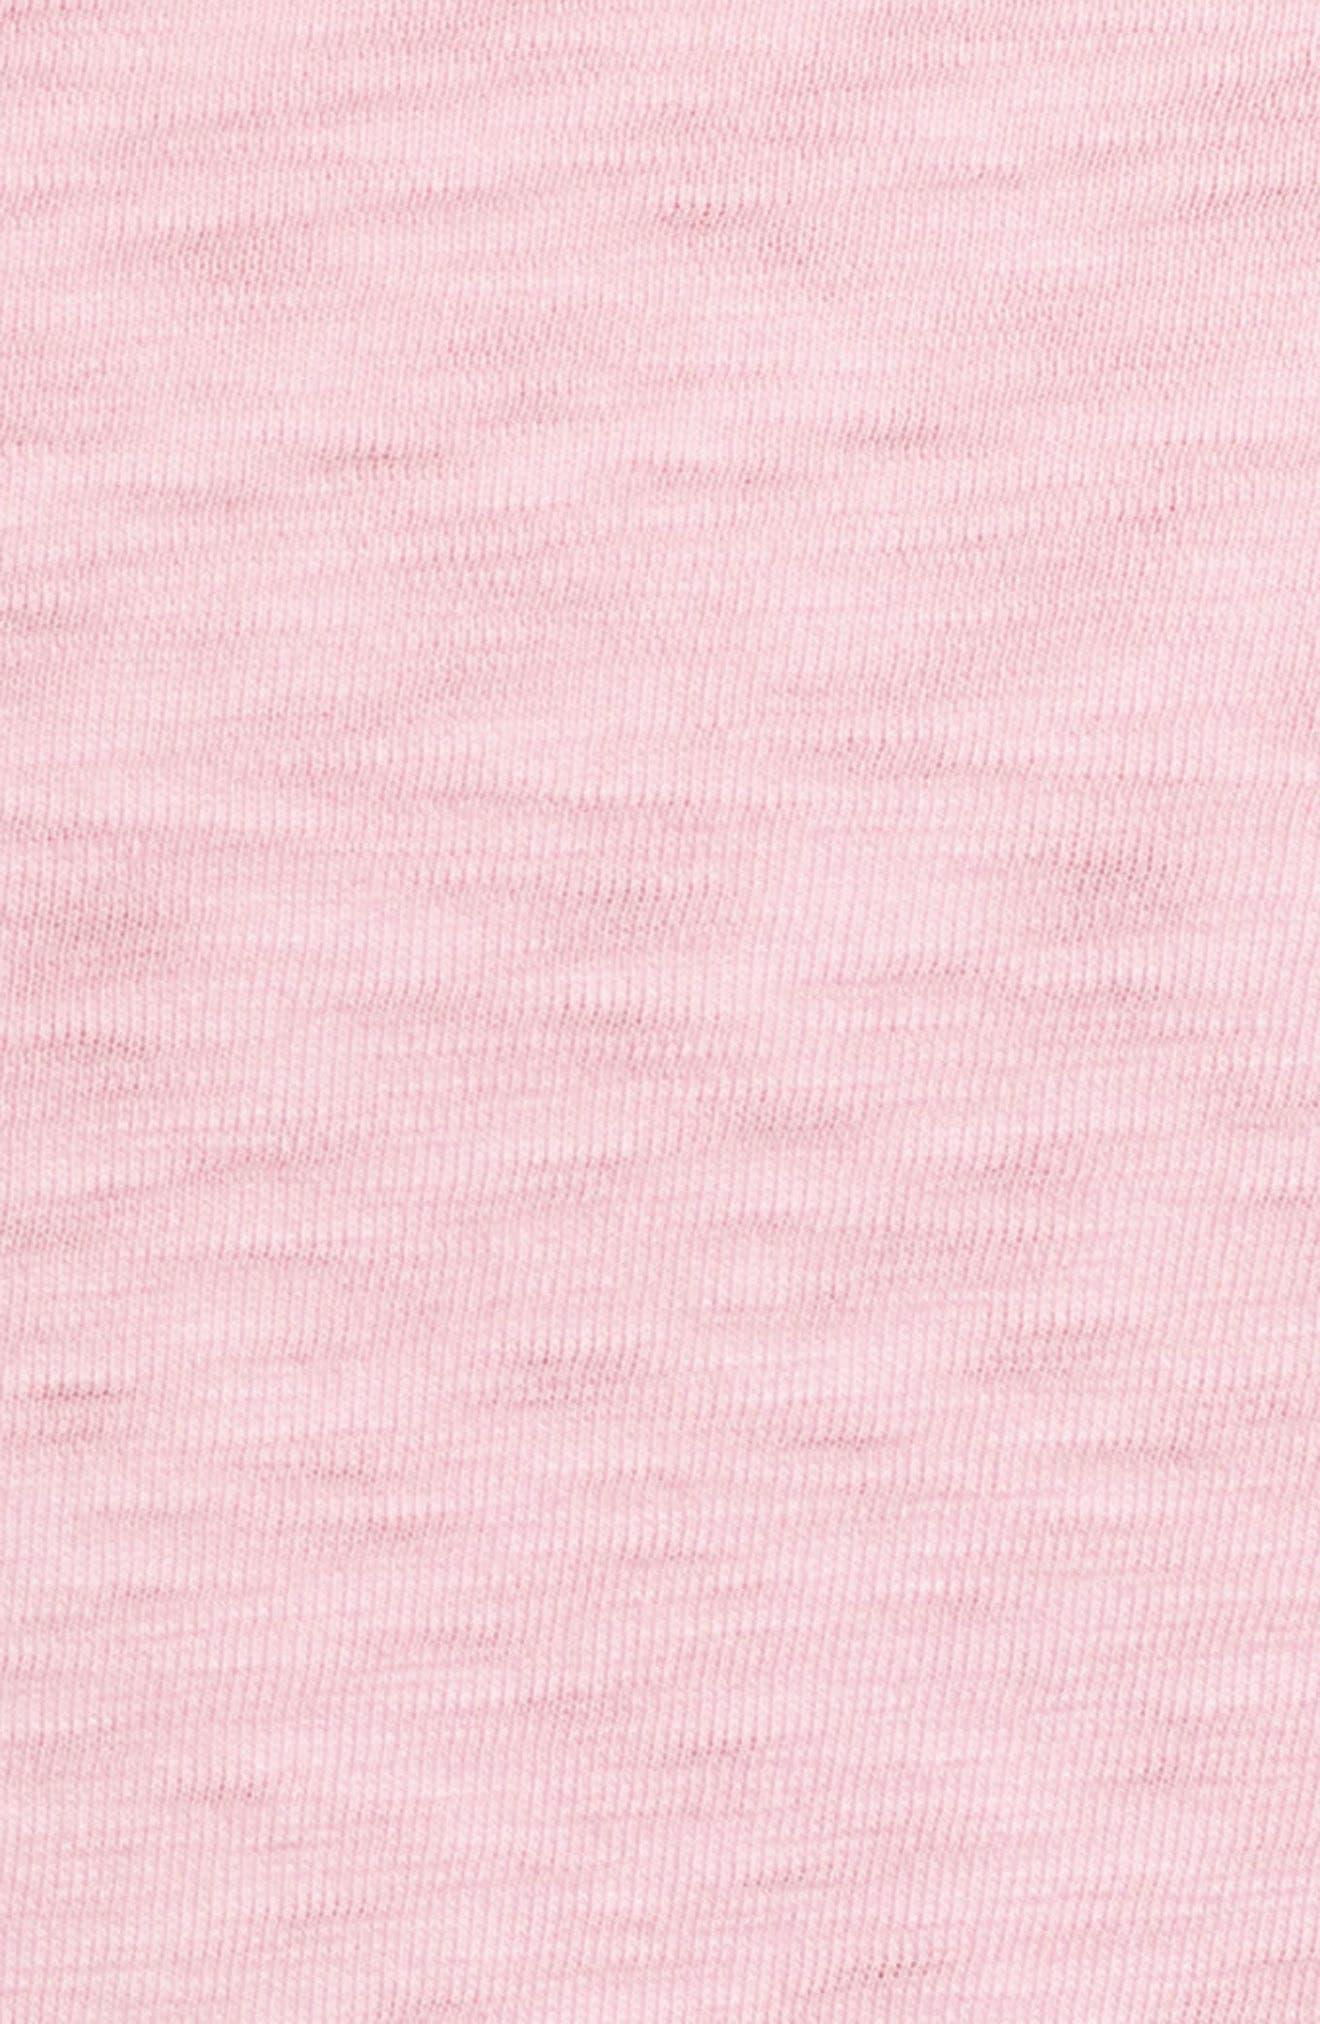 Slub Knit T-Shirt,                             Alternate thumbnail 9, color,                             Pink